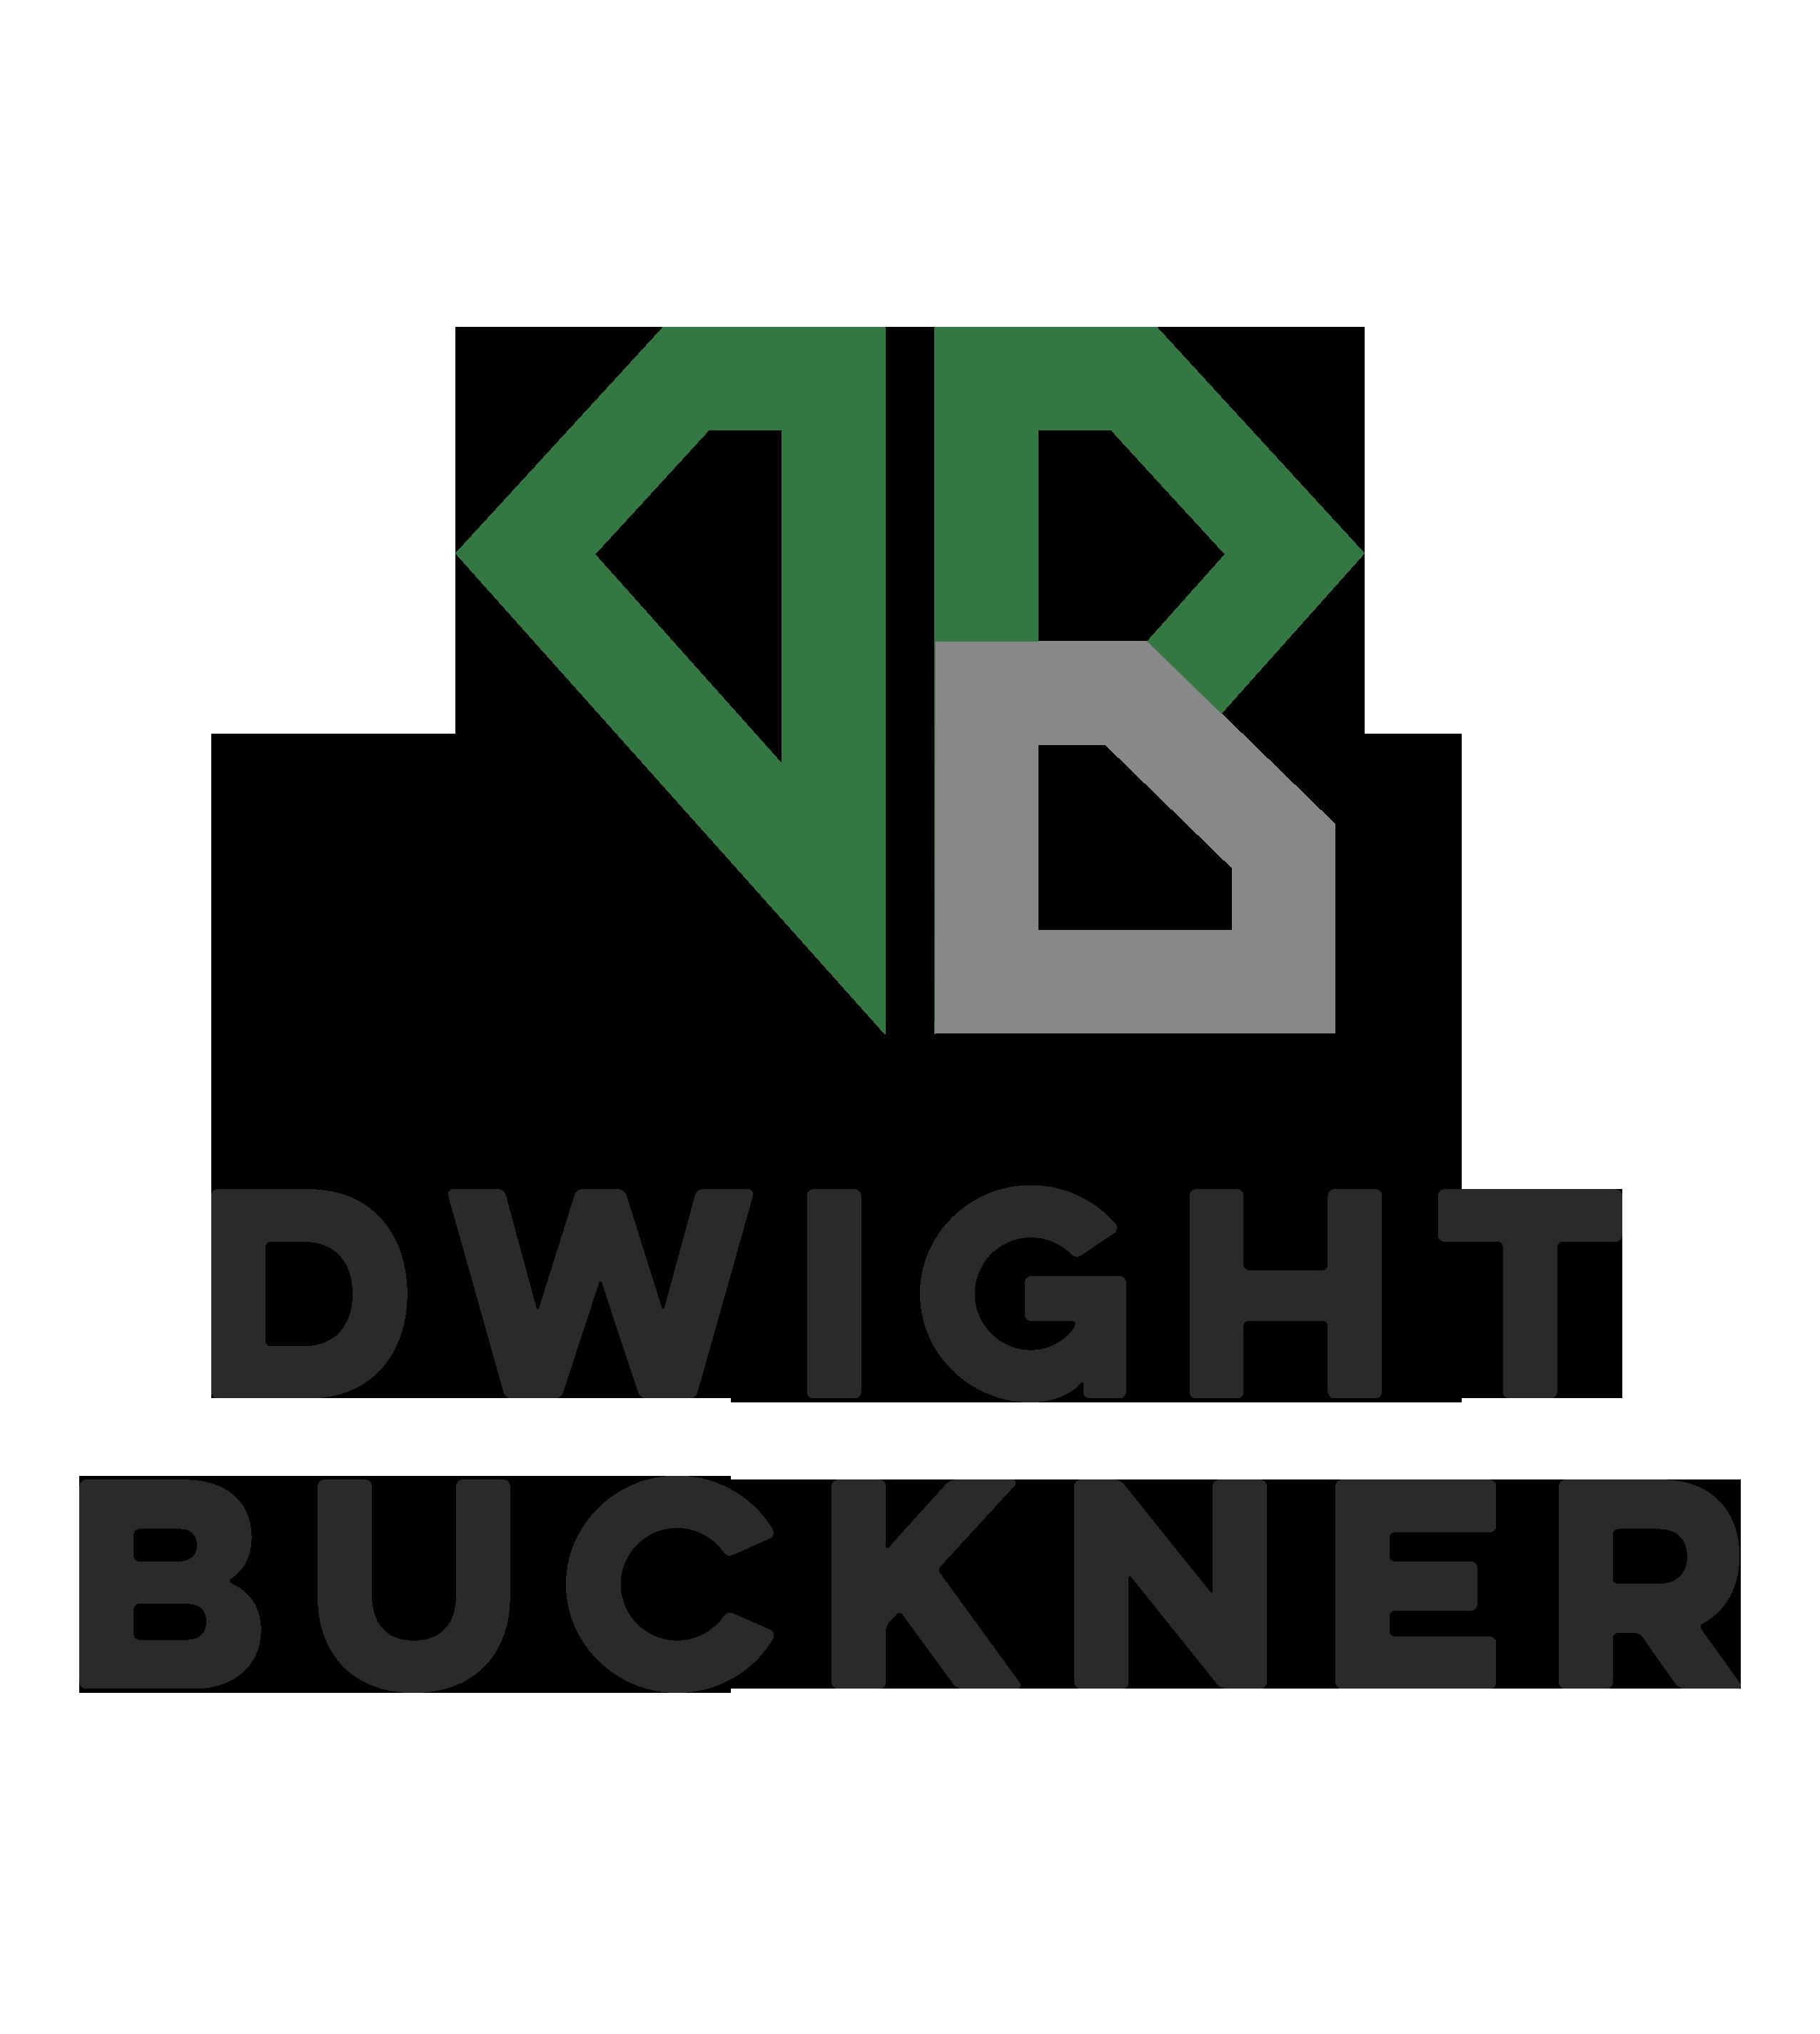 Pastor Dwight Buckner Jr